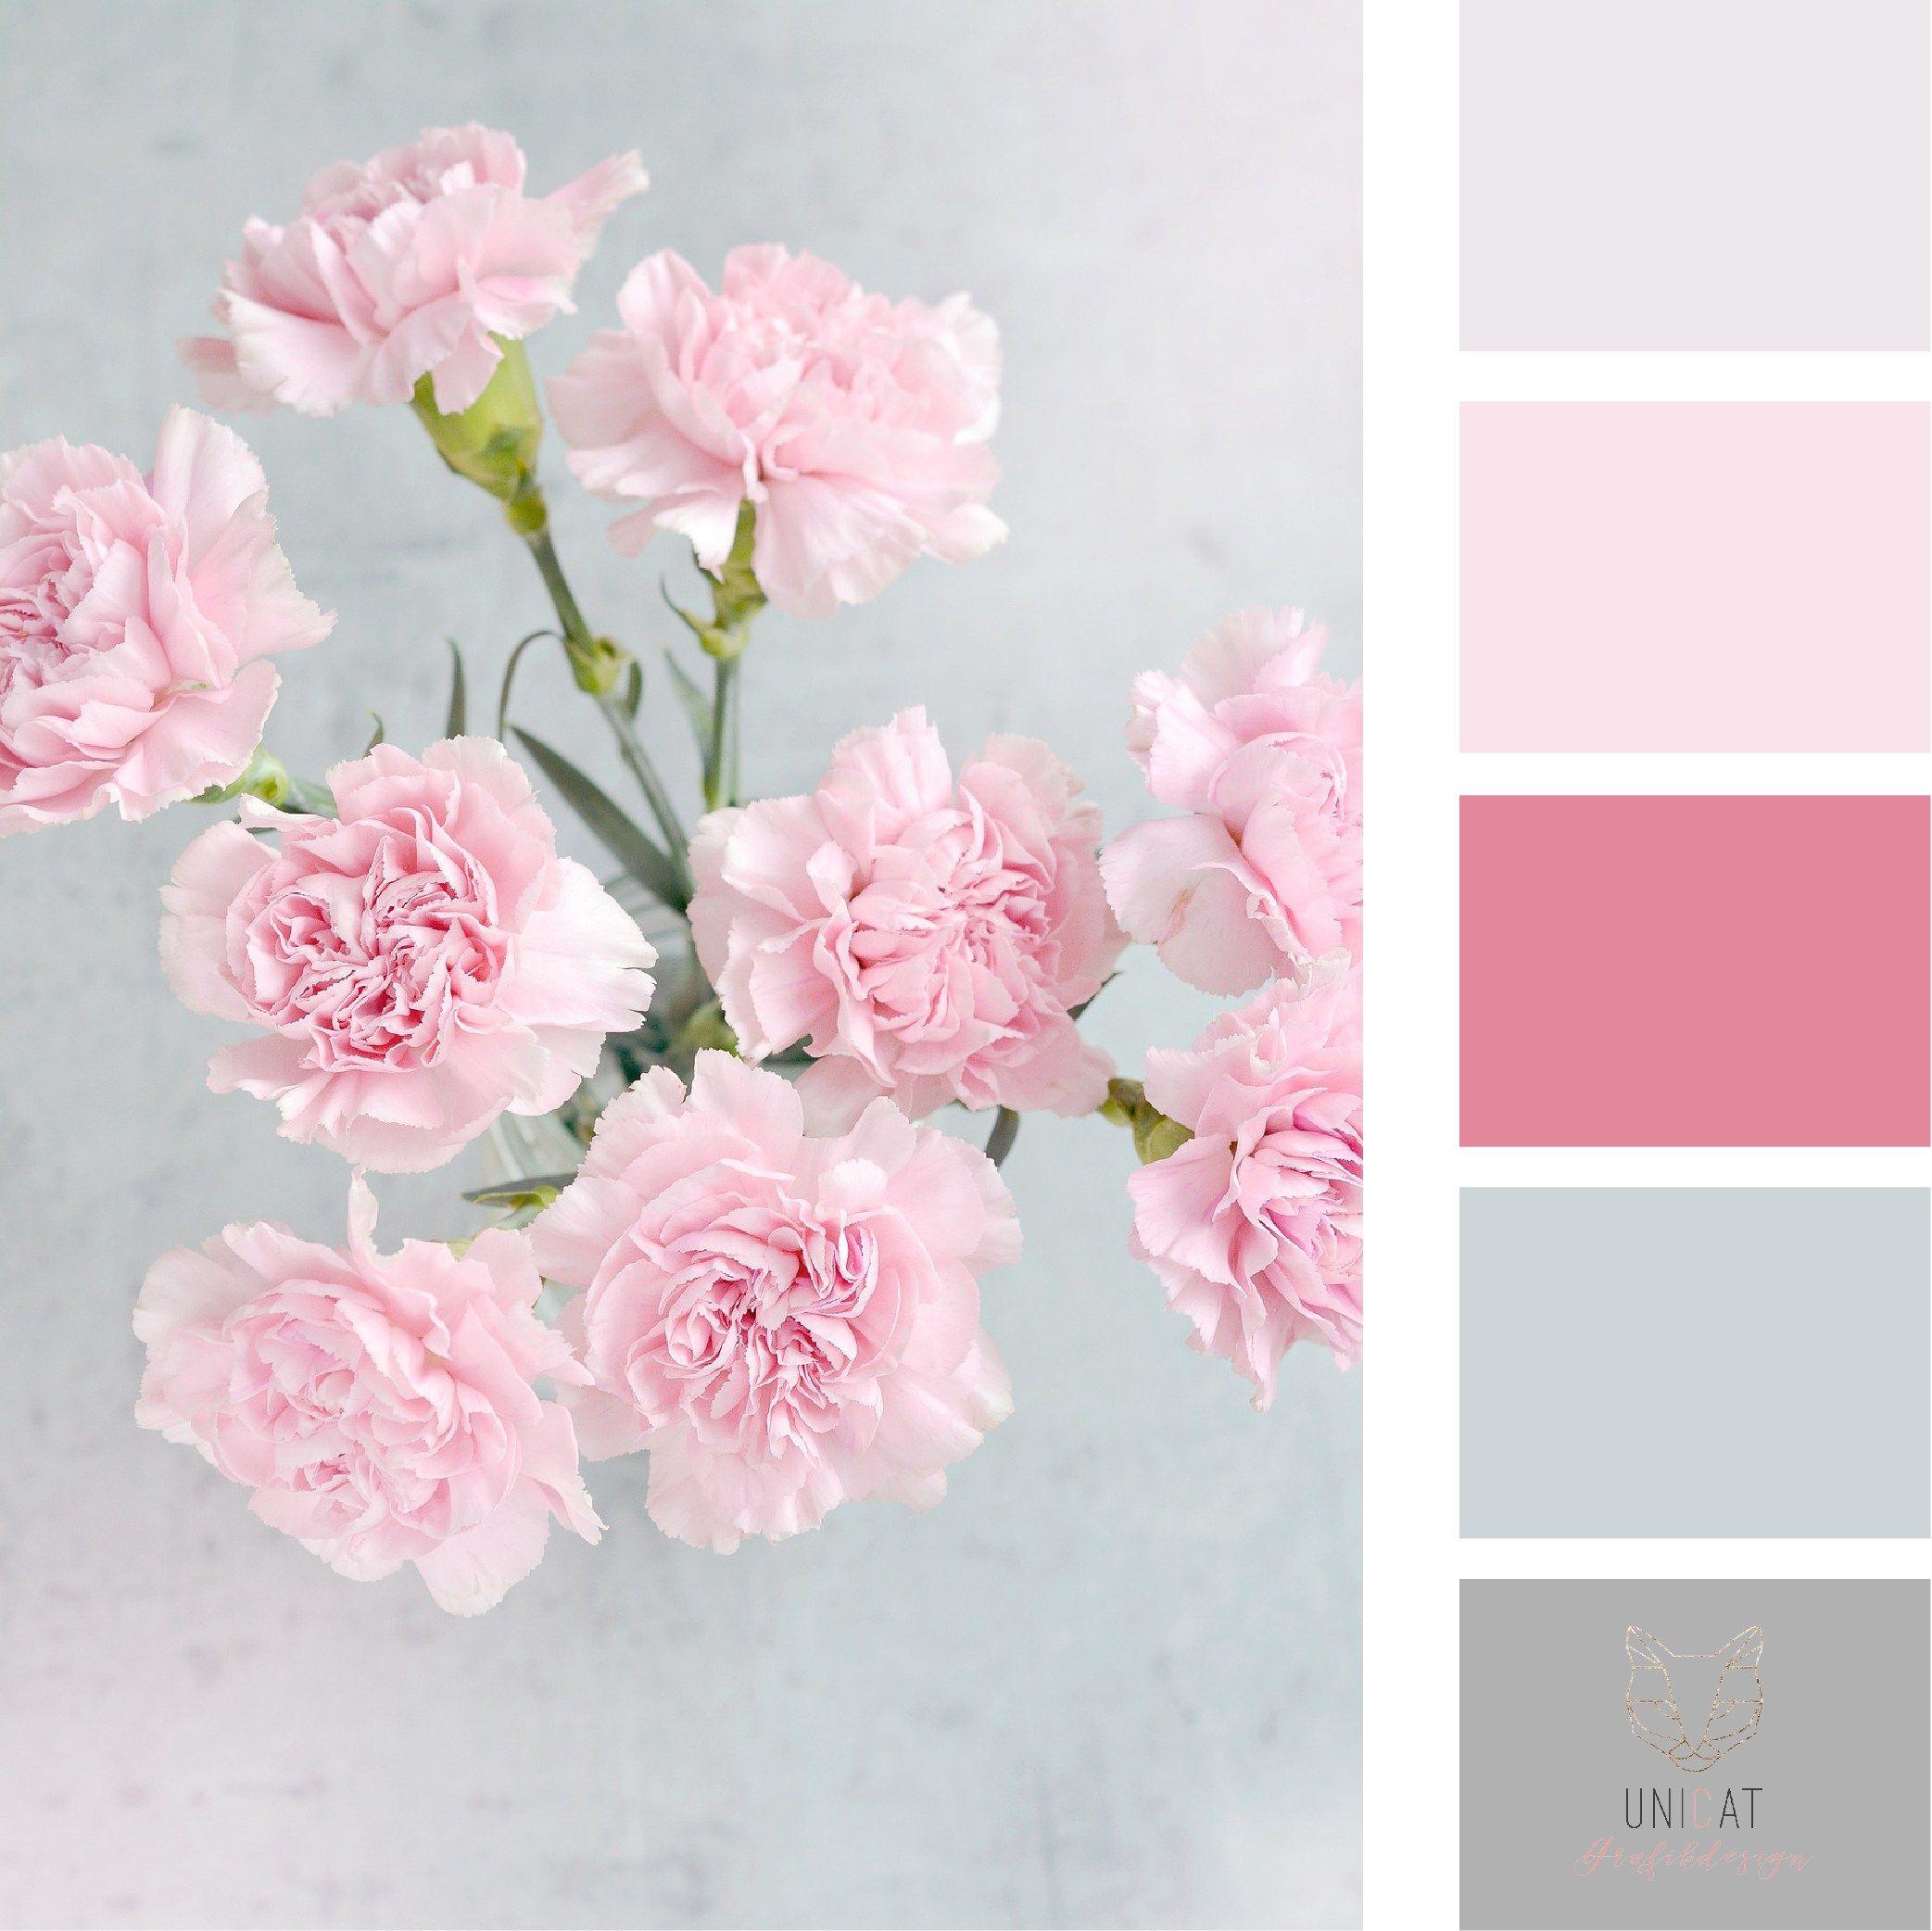 Hex Farbpalette, Farbpalette, Wohnzimmerfarben